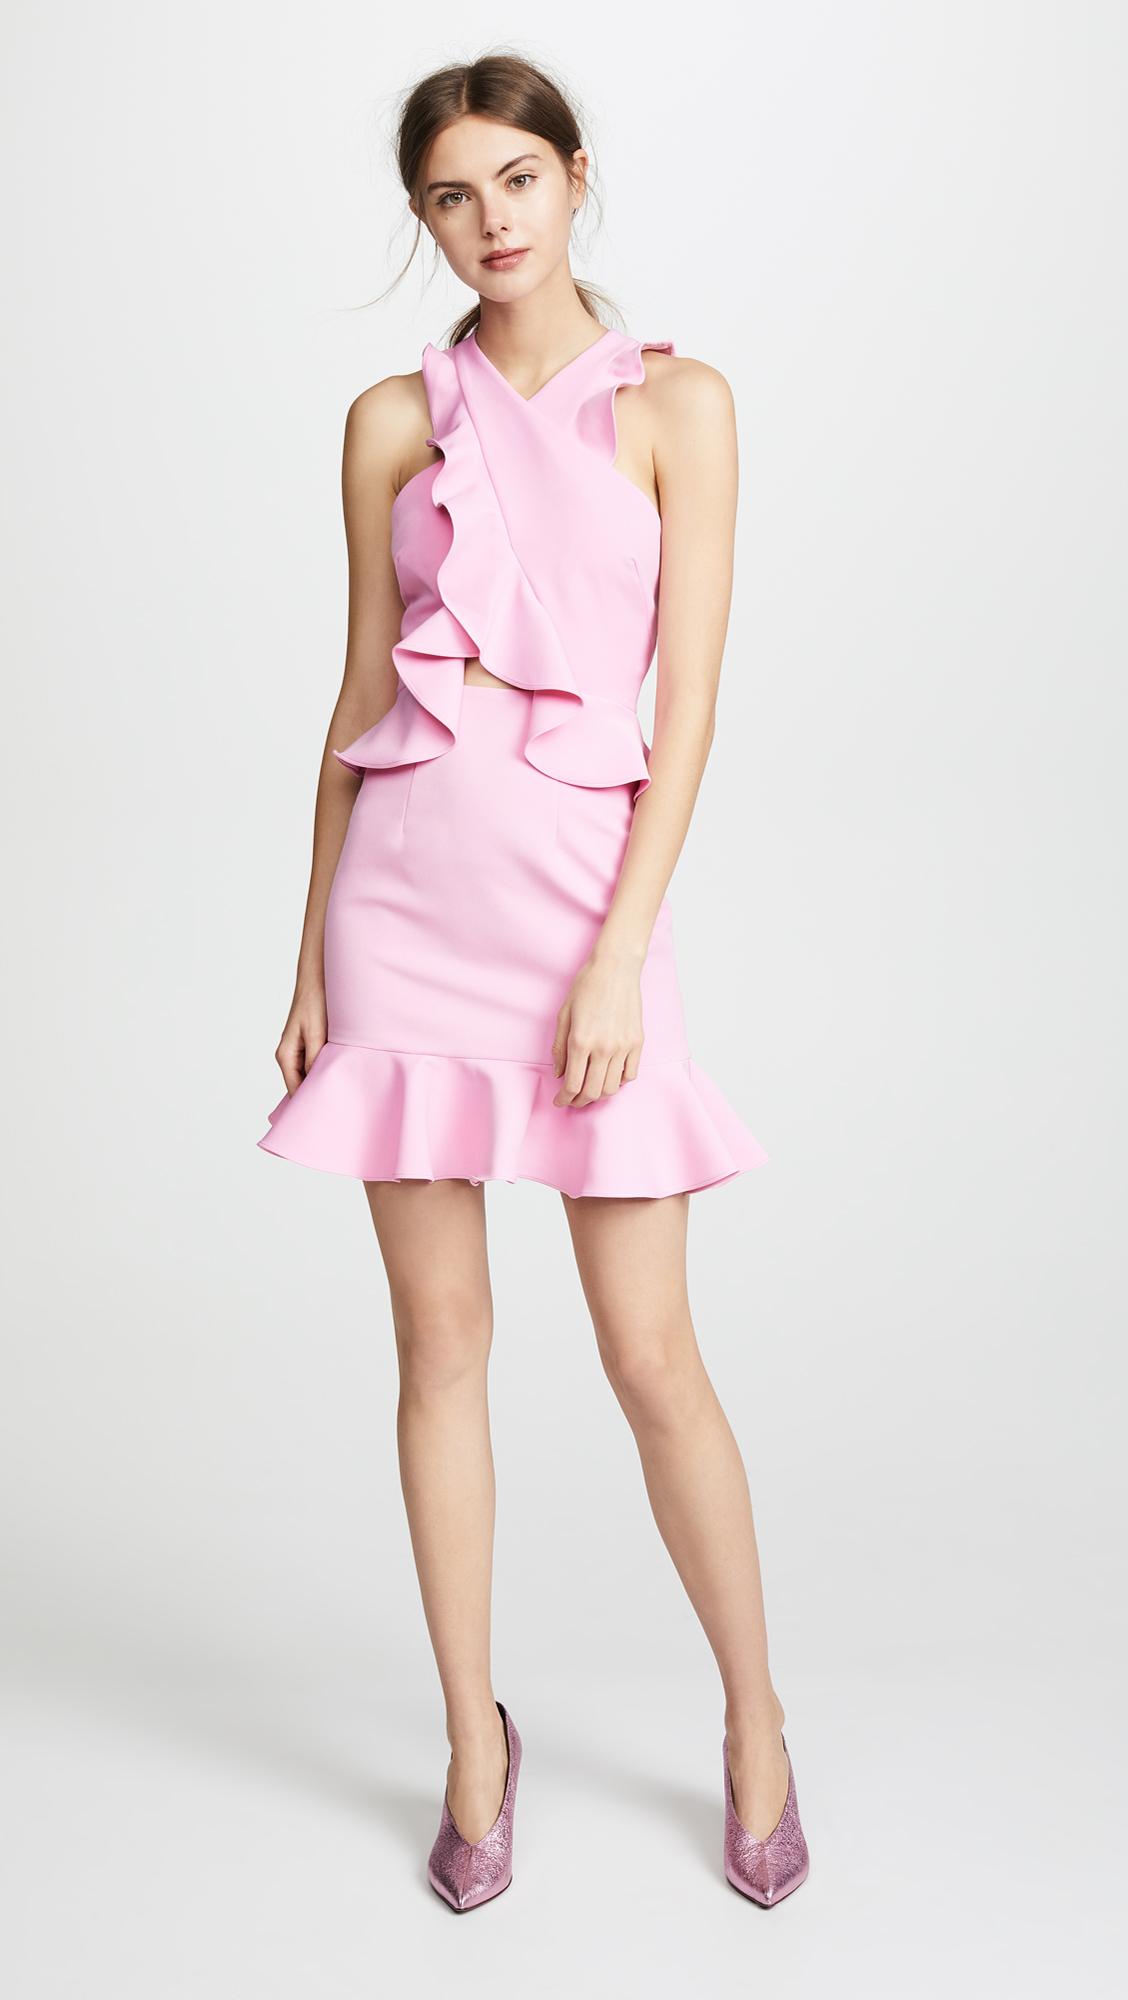 Moderno Essex Vestido De Fiesta Cresta - Colección de Vestidos de ...